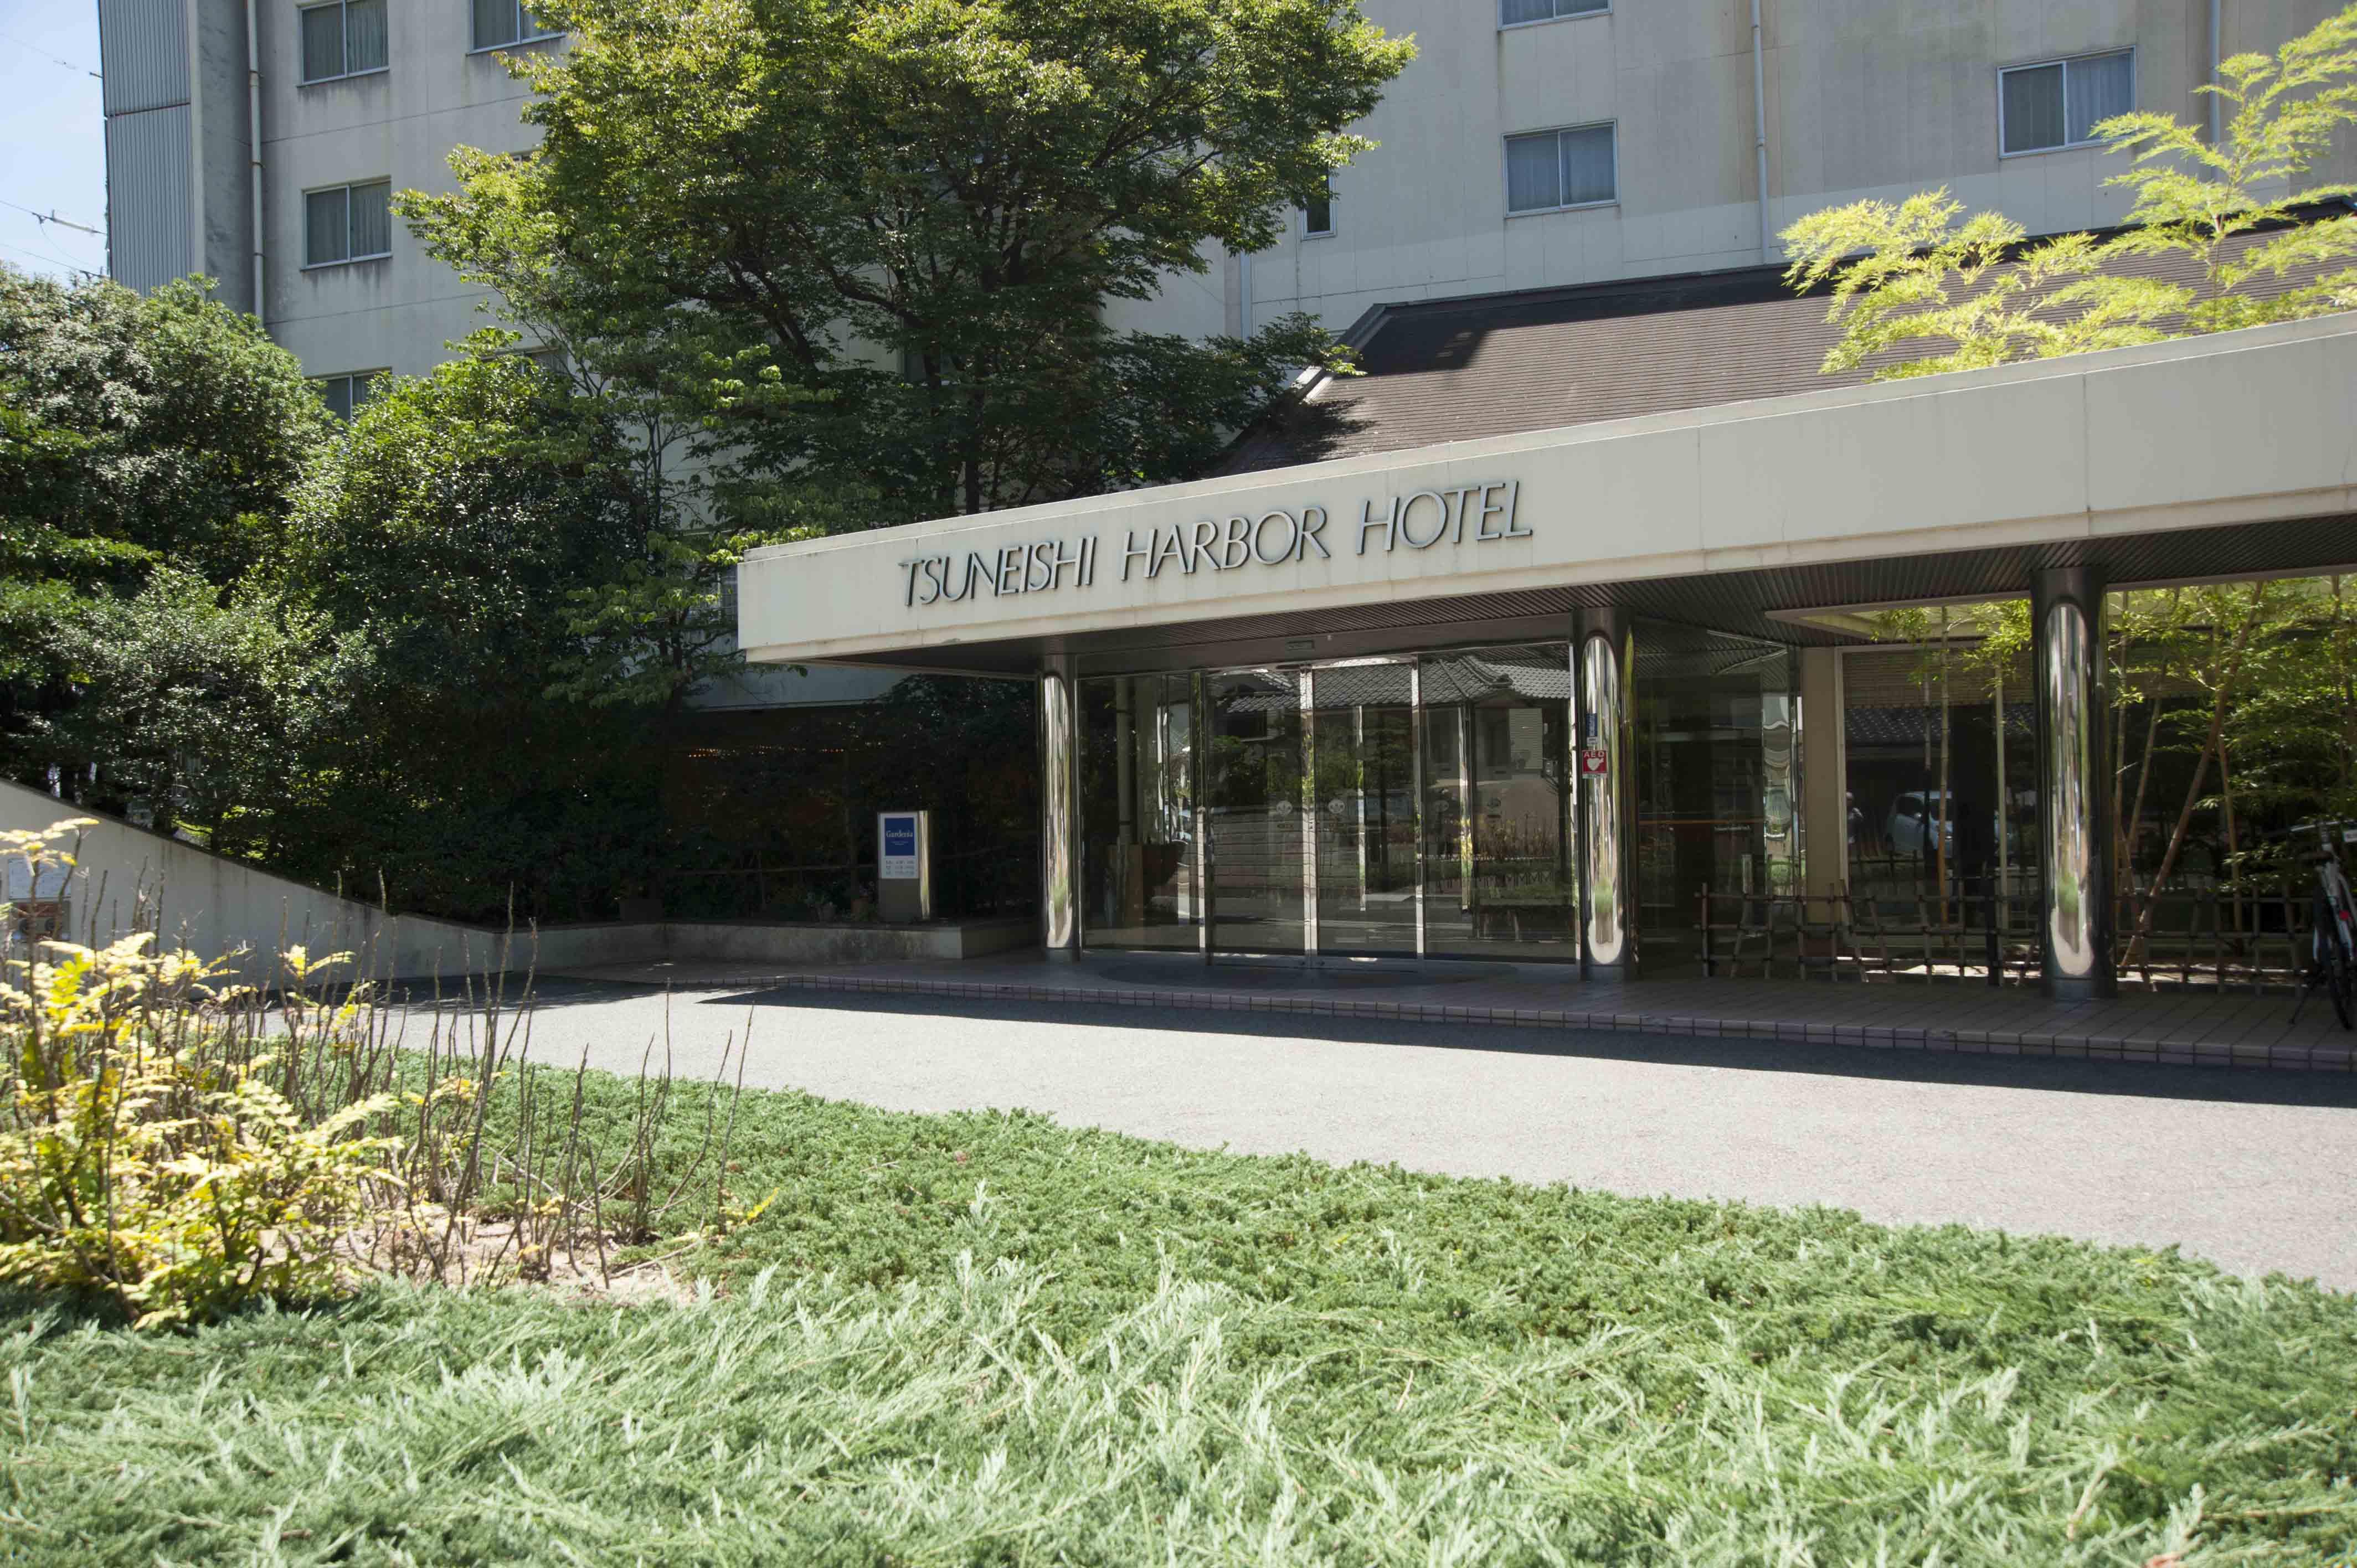 鞆の浦・尾道の観光に便利な「常石ハーバーホテル」